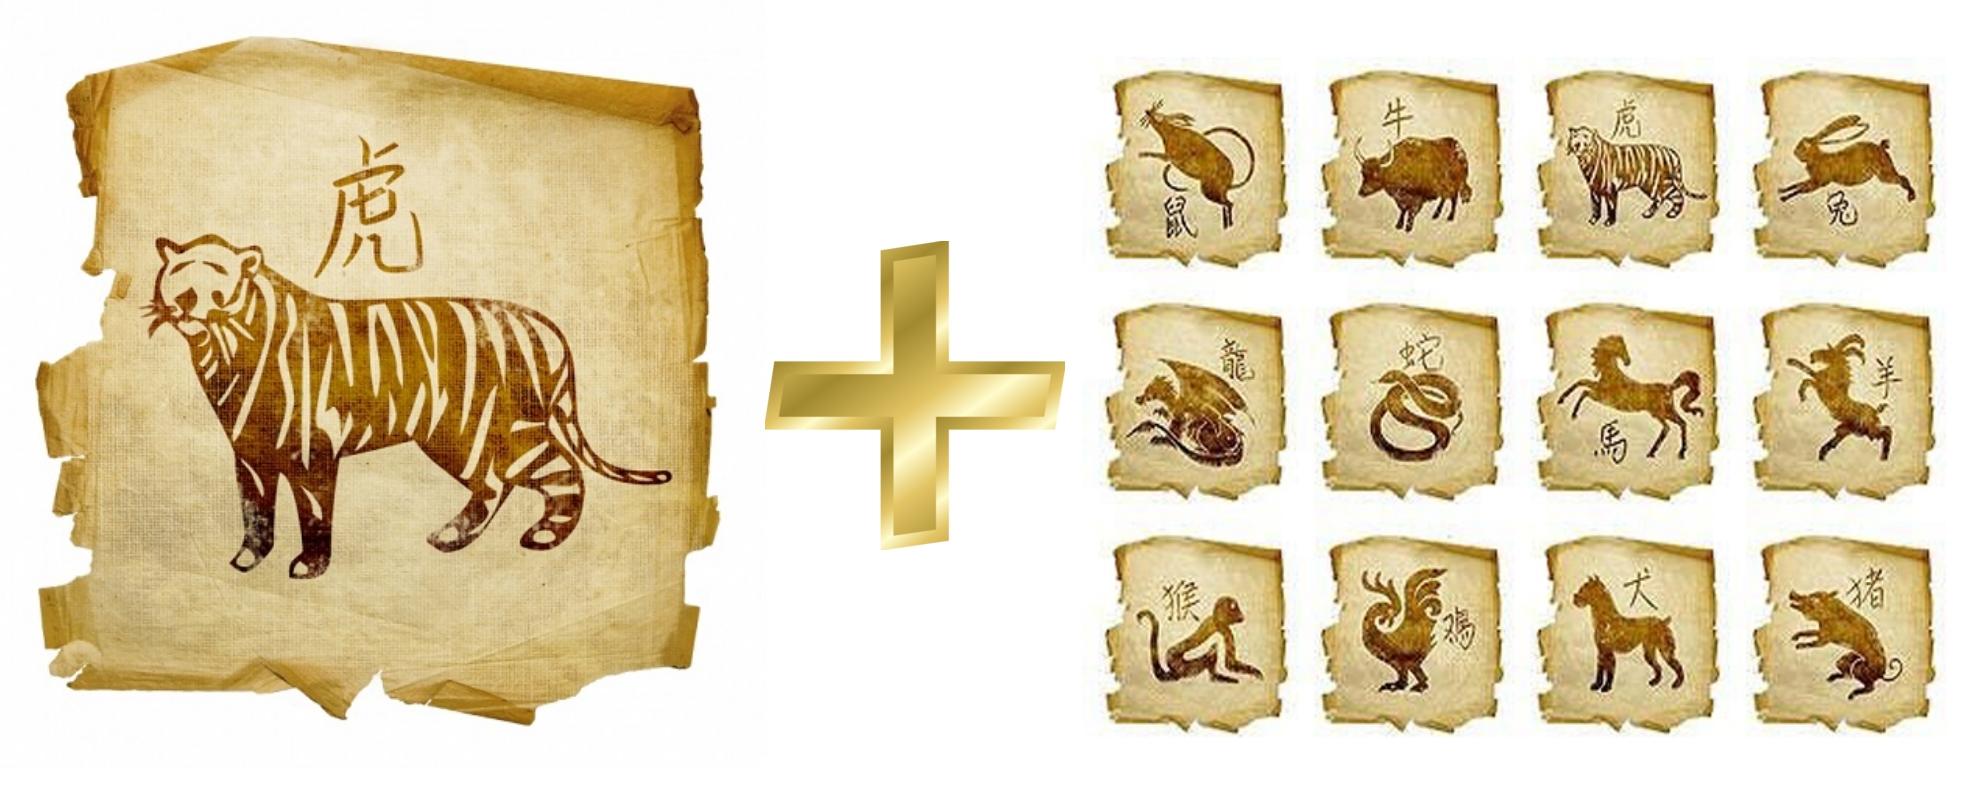 Тигр: гороскоп совместимости мужчины и женщины в любви с другими знаками. Тигр и Тигр, Крыса, Свинья, Собака, Лошадь, Петух, Обезьяна, Коза (Овца), Змея, Дракон, Кролик, Бык